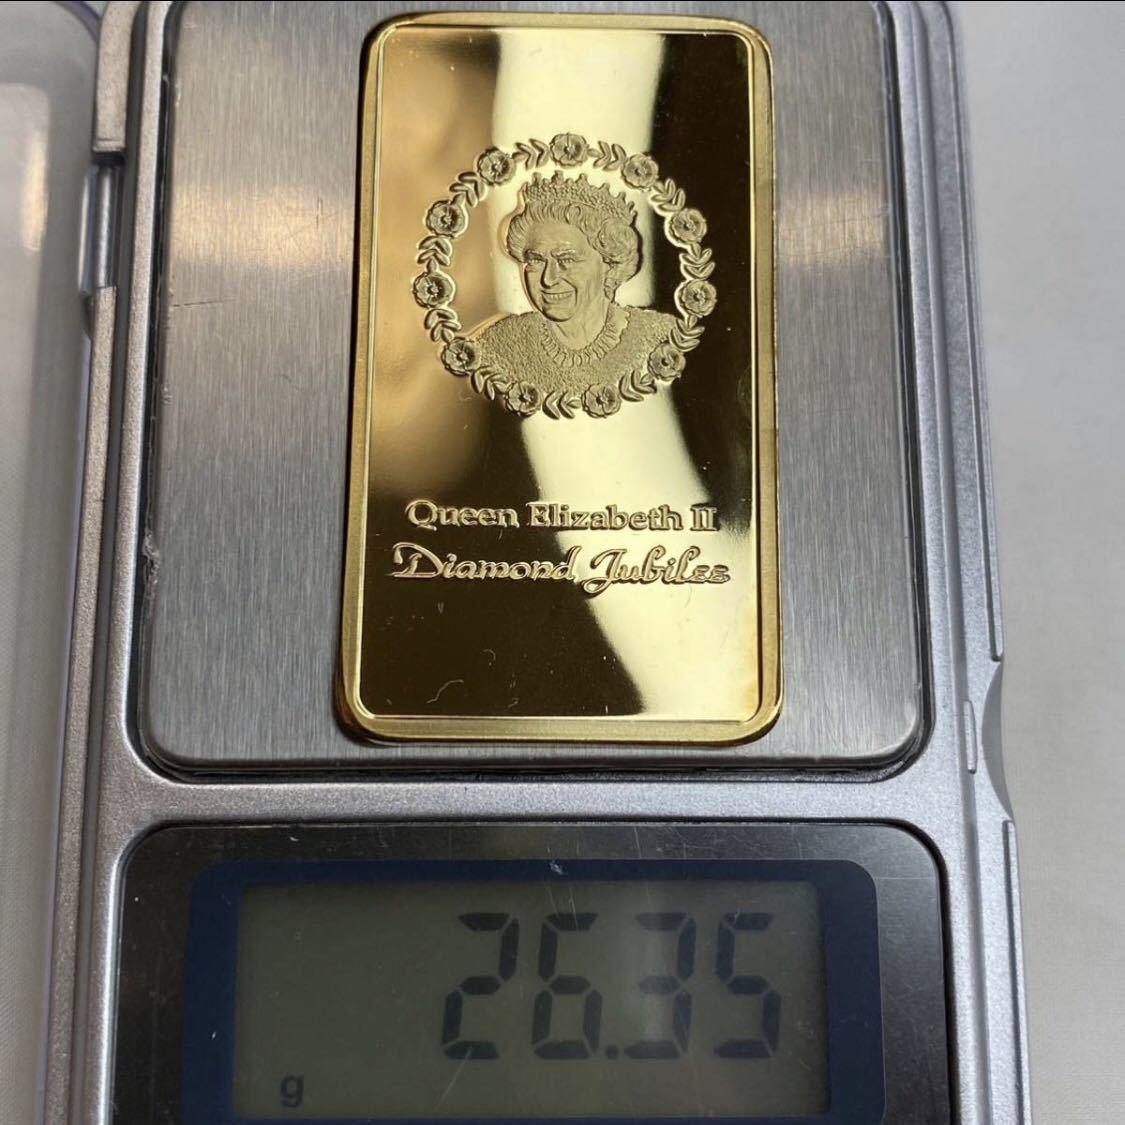 (2-048) 外国金貨 エリザベスⅡ女王 記念メダル 地金バー インゴット 現物資産 海外古銭コイン 貴重品所蔵品 貨幣 完全限定発行